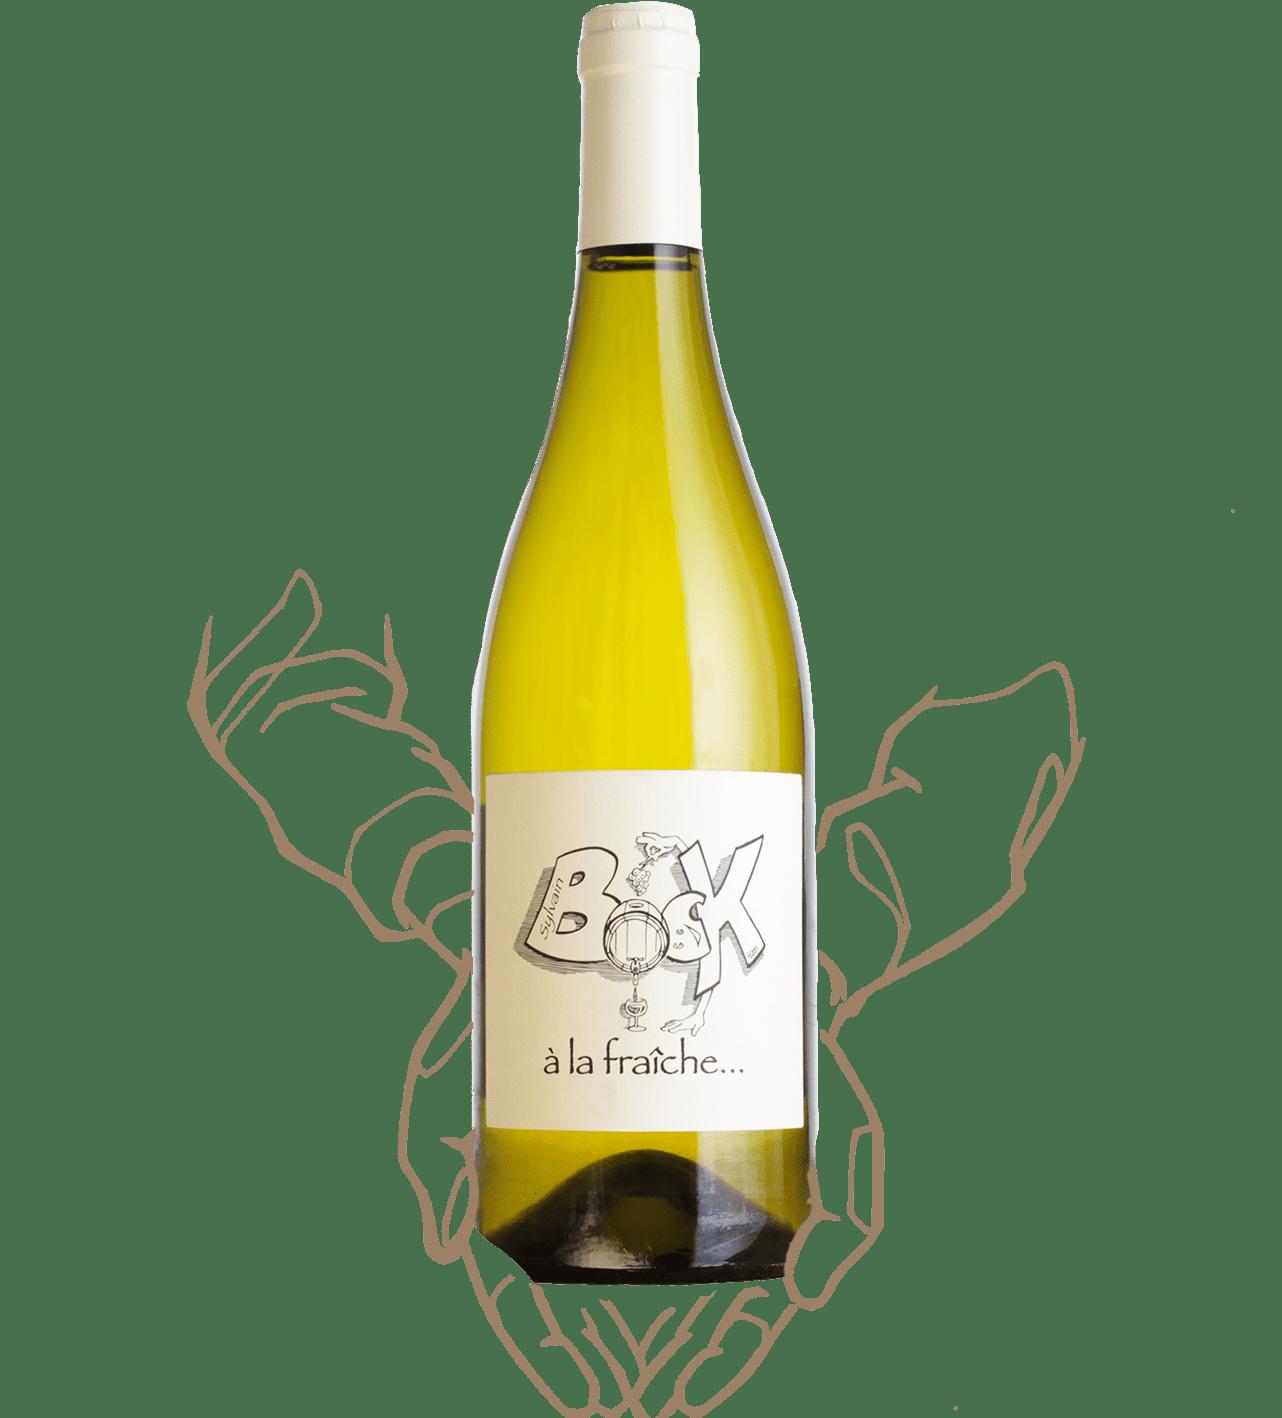 Sylvain Bock, à la fraîche, vin nature